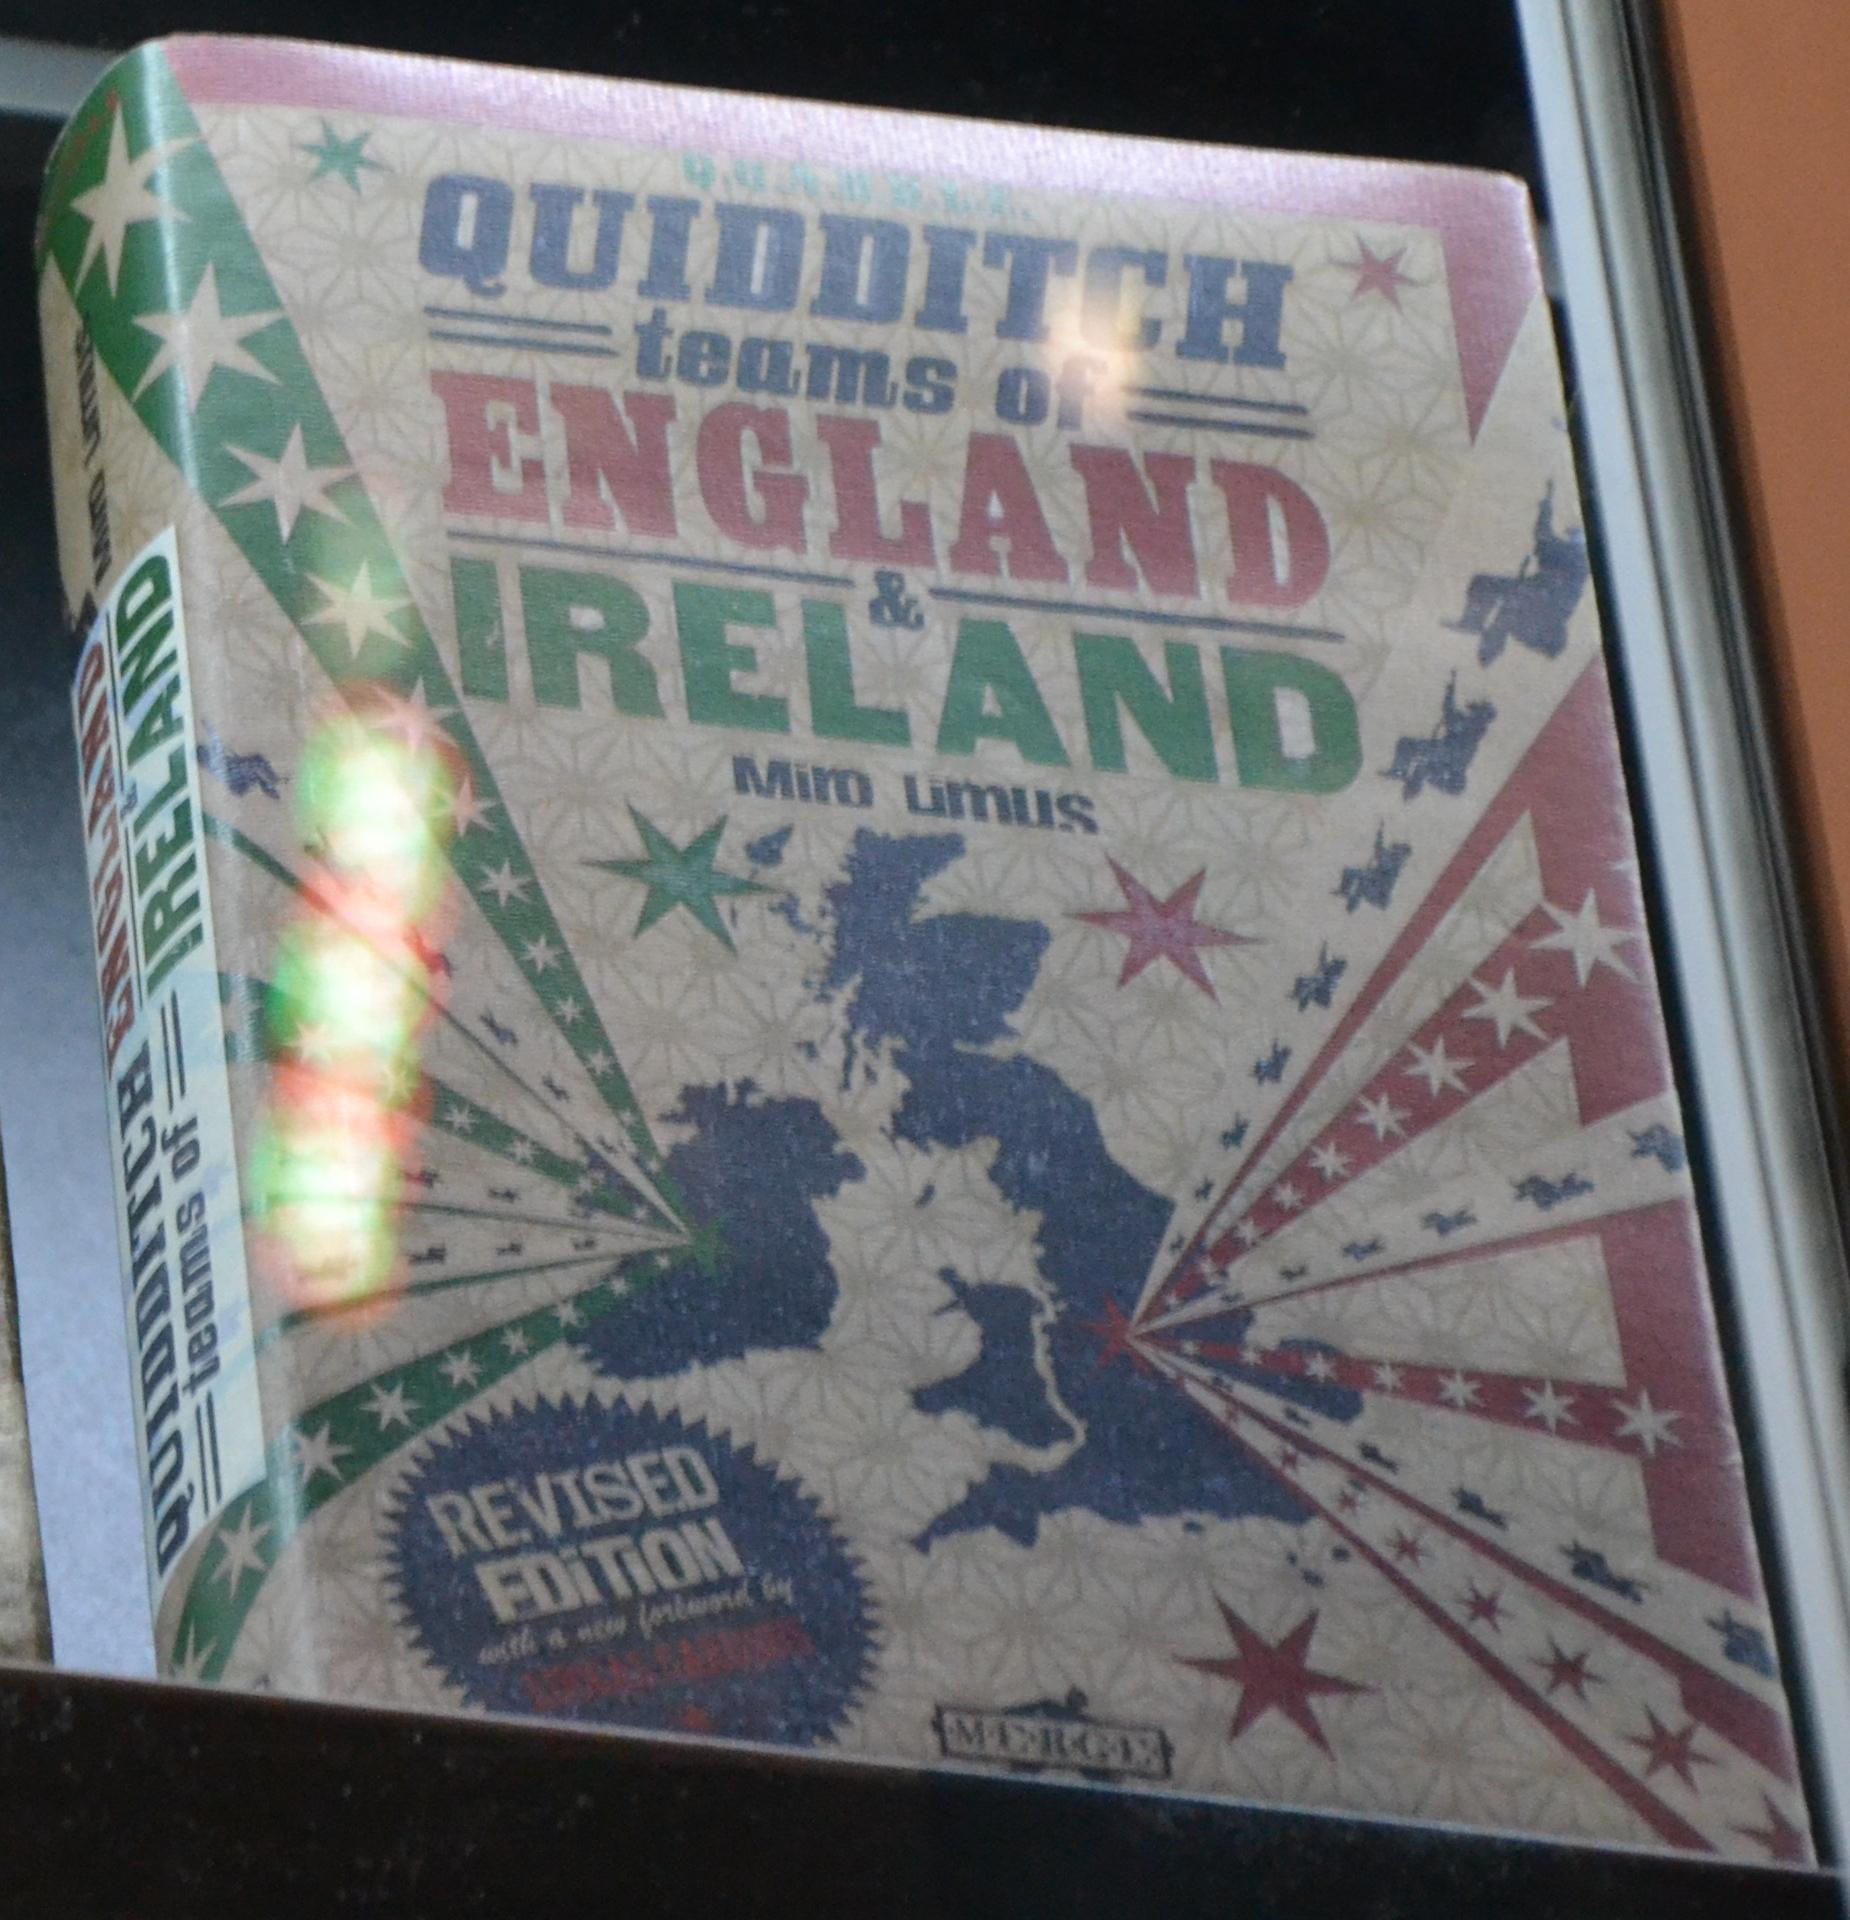 不列颠和爱尔兰的魁地奇球队